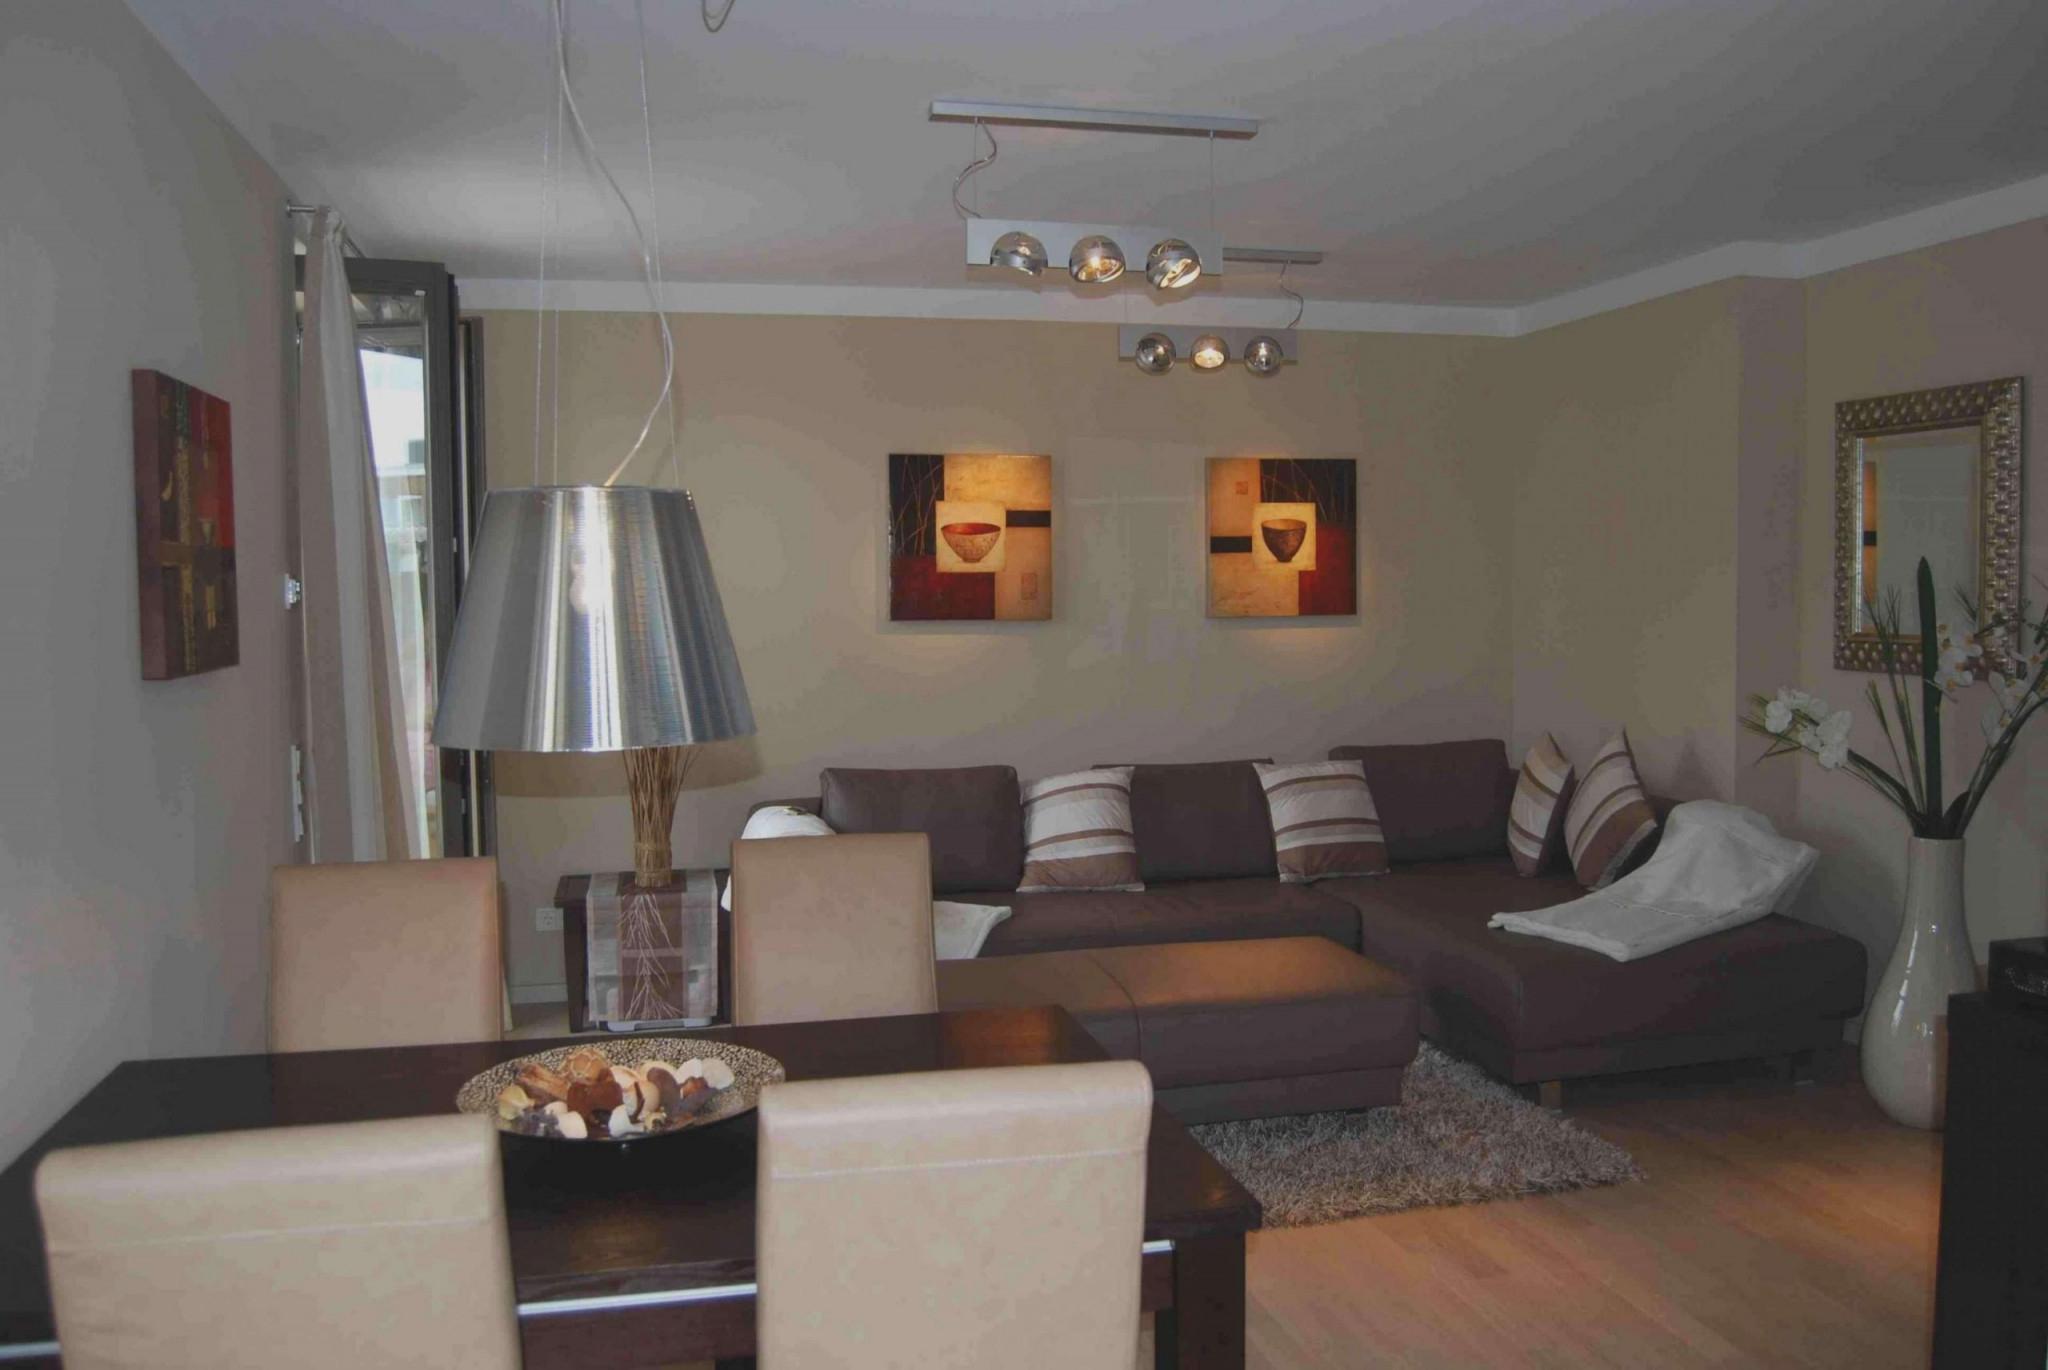 30 Luxus Kleines Wohnzimmer Mit Essbereich Einrichten von Wohnzimmer Esszimmer Ideen Bild